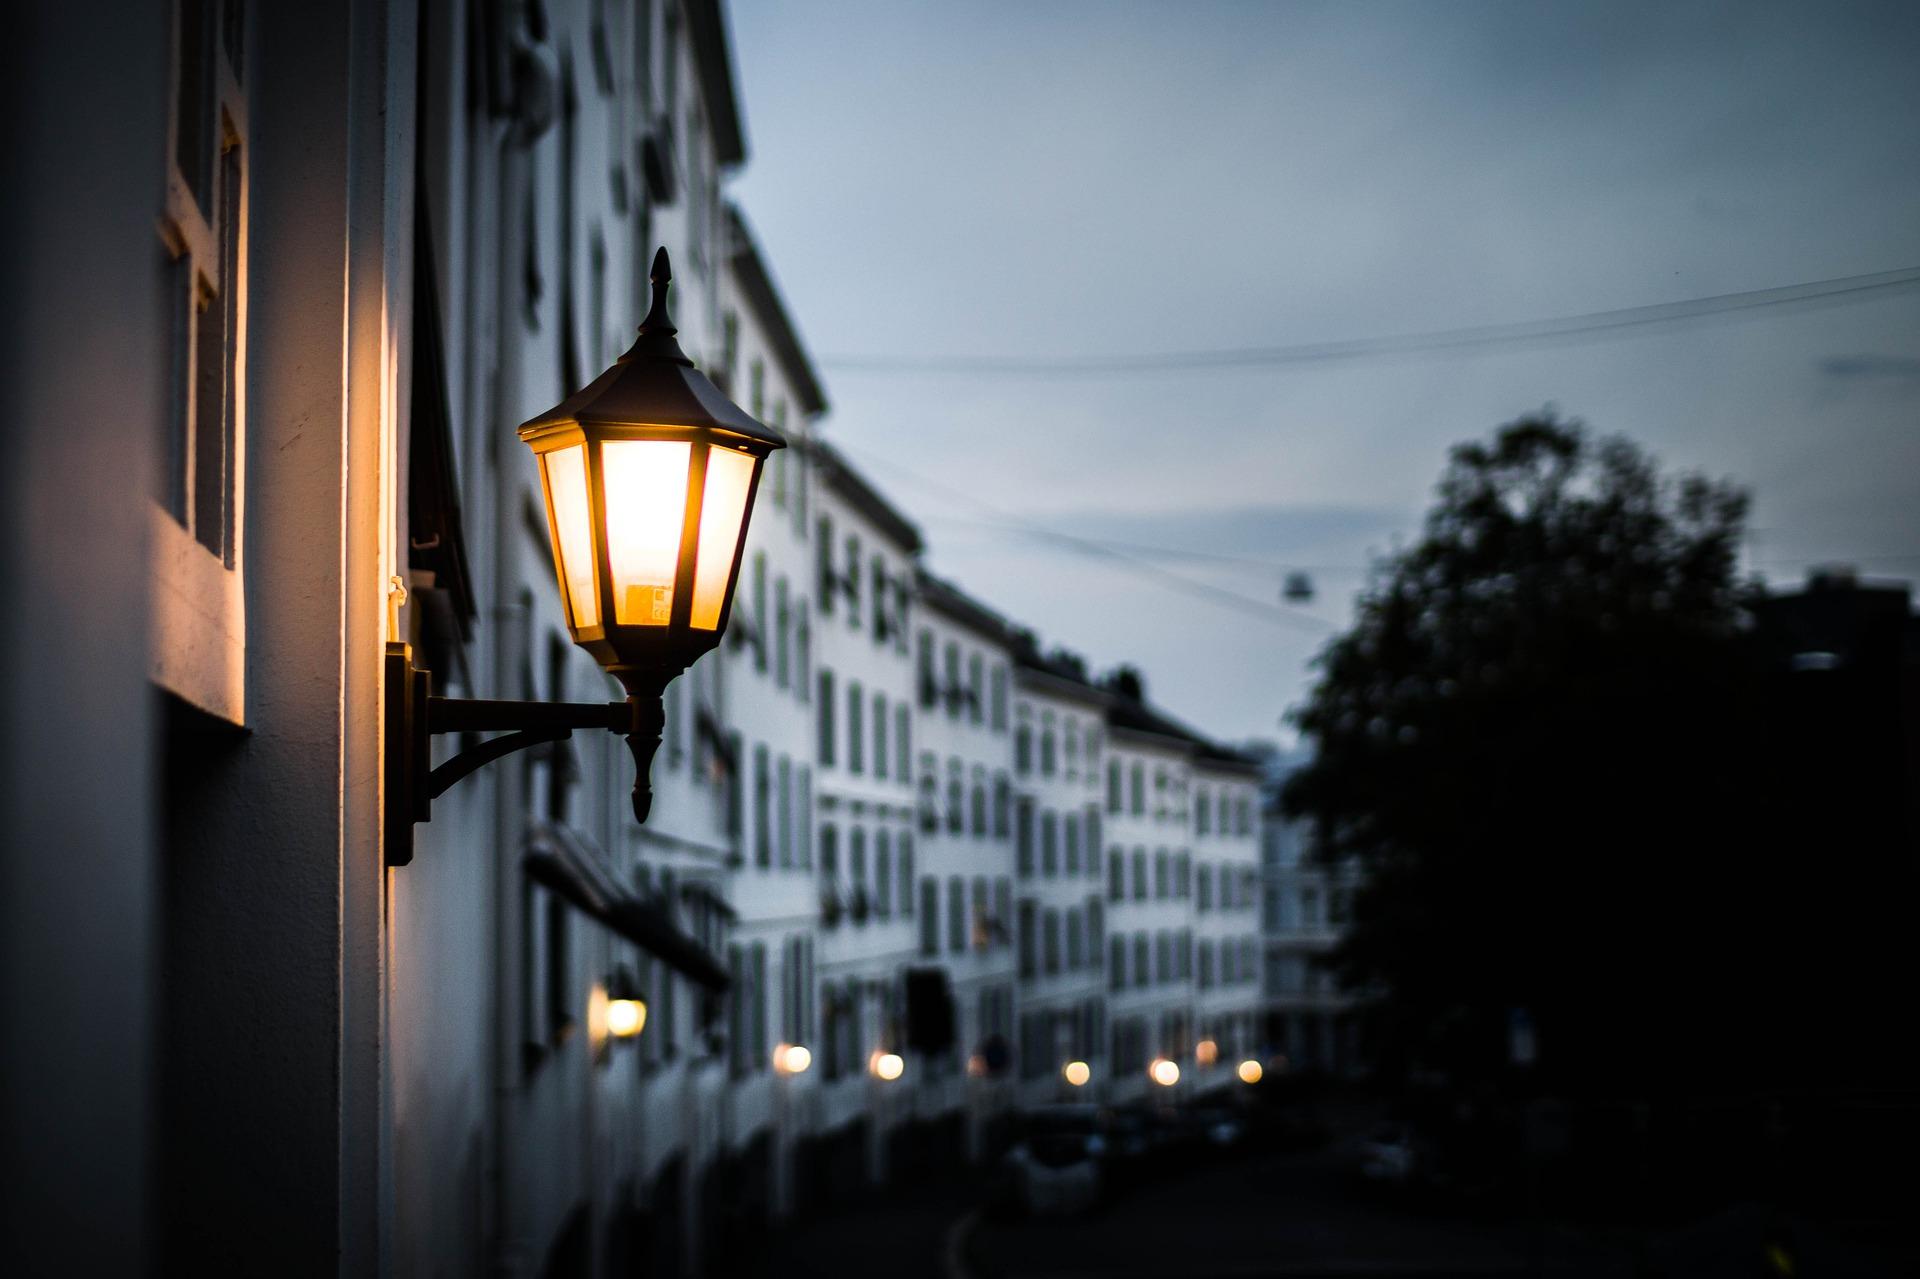 Hoe u verlichting kunt kopen voor uw volgende huis